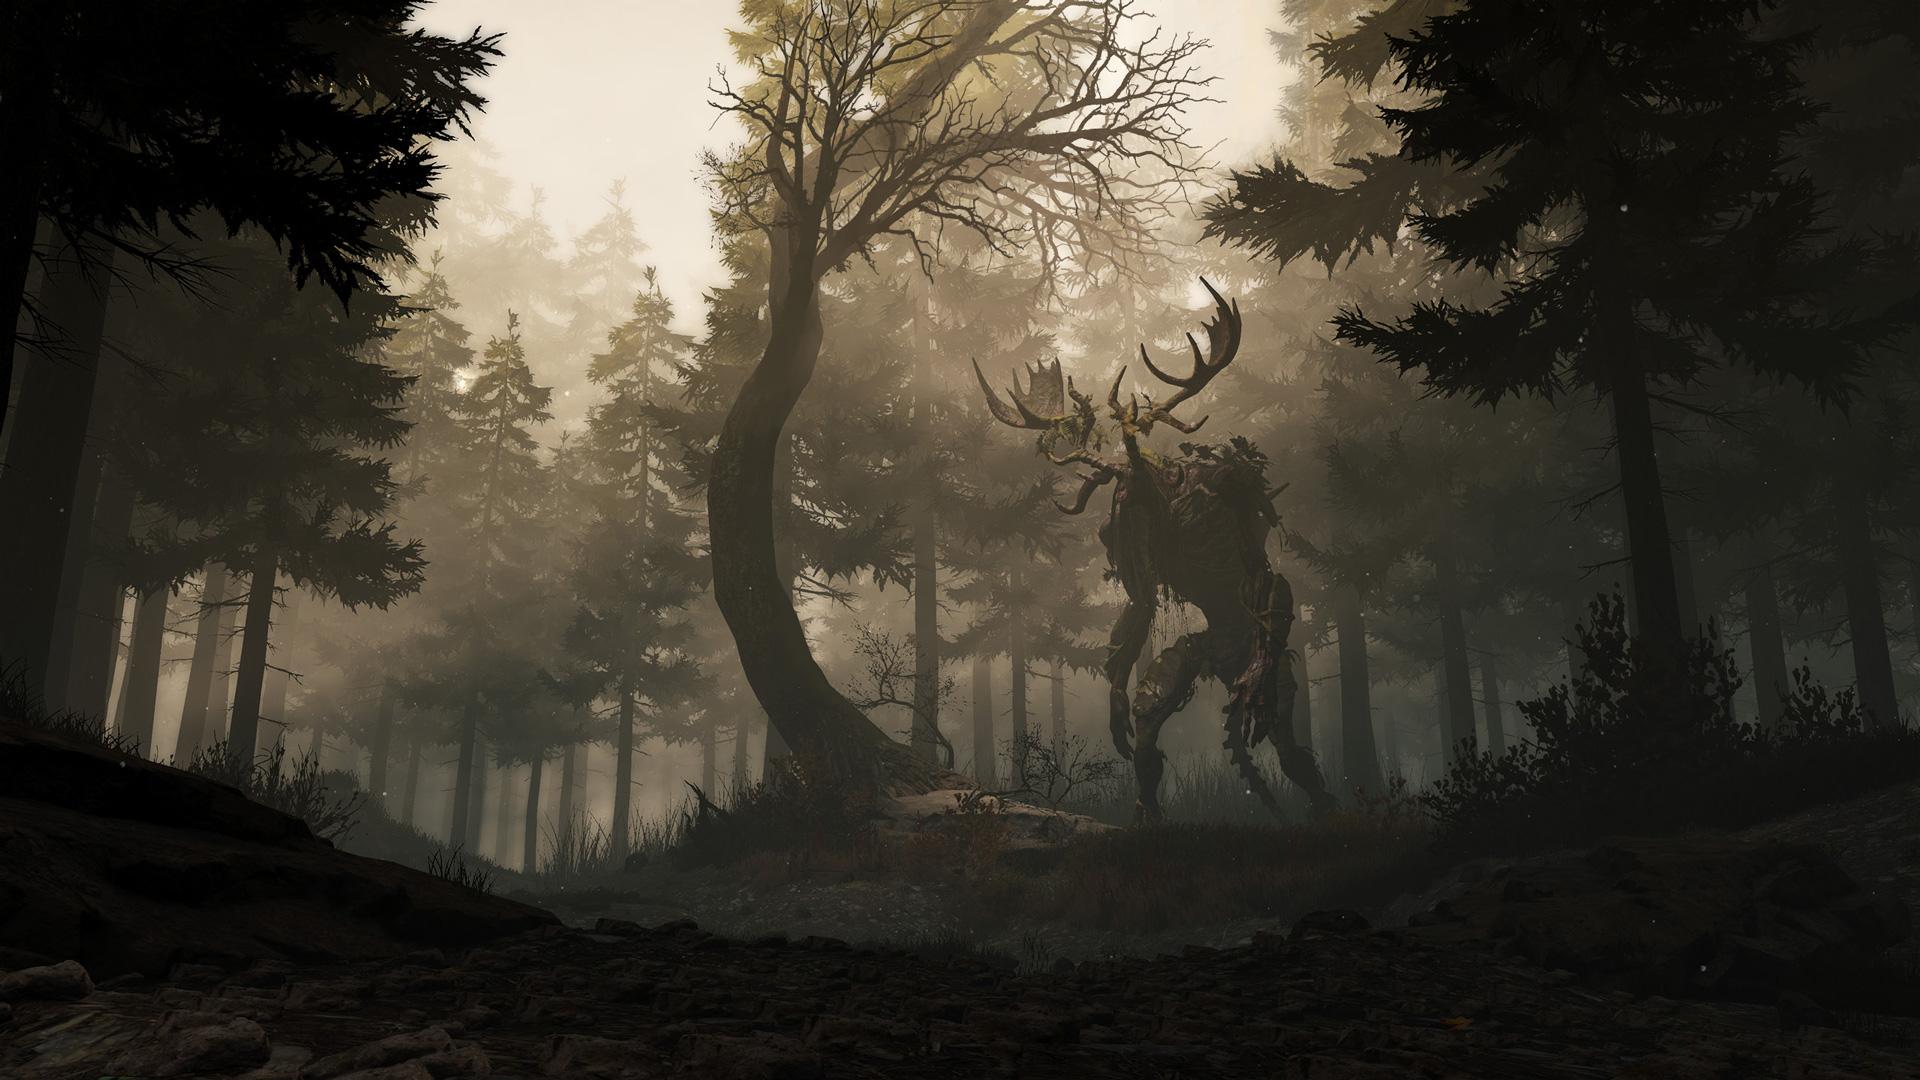 开放世界动作RPG《贪婪之秋》开启预购 Steam国区158元